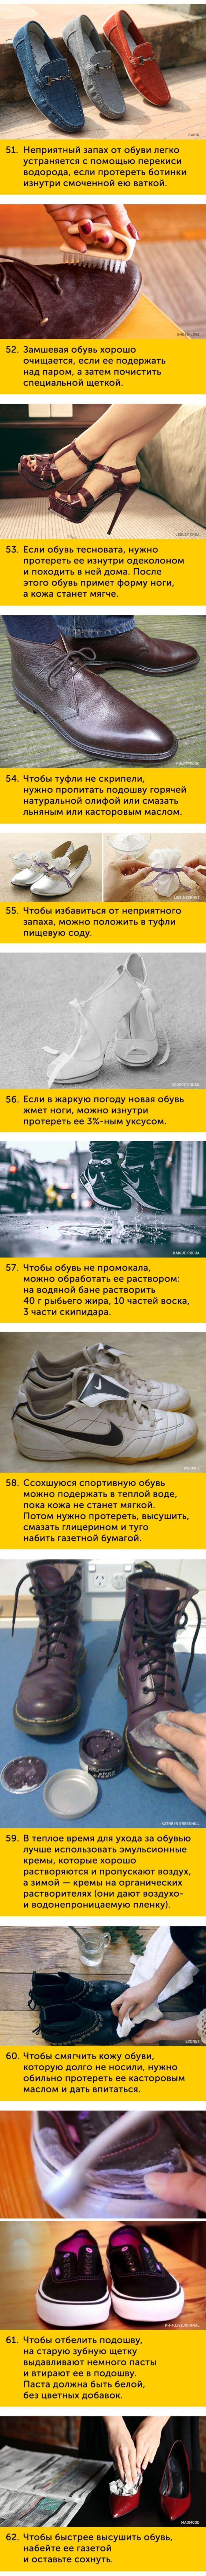 Полезные советы: Уход за обувью